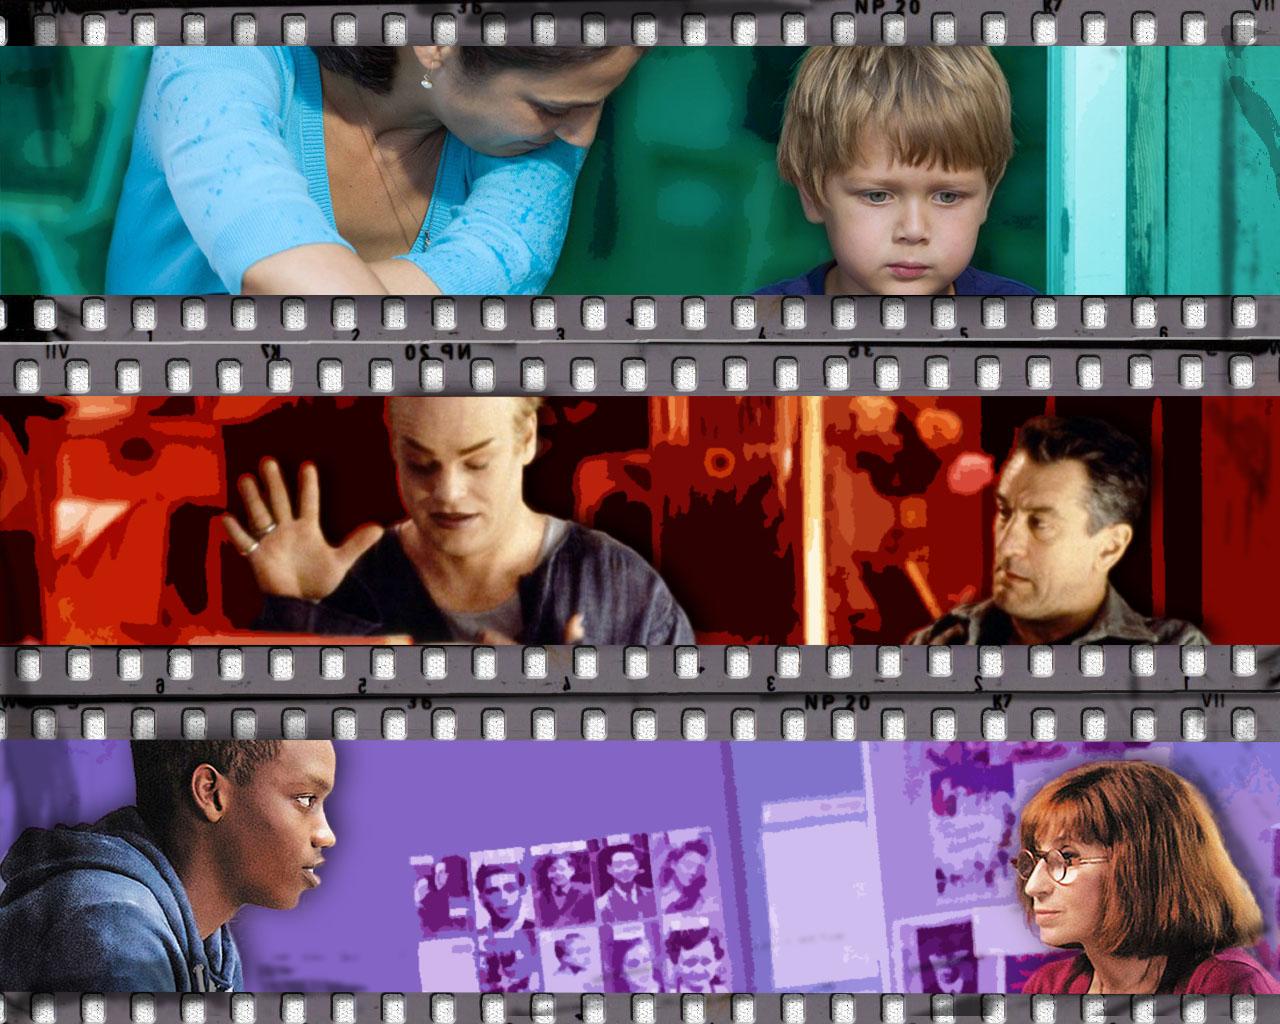 Dentro y fuera del aula: tres películas para pensar la figura del docente